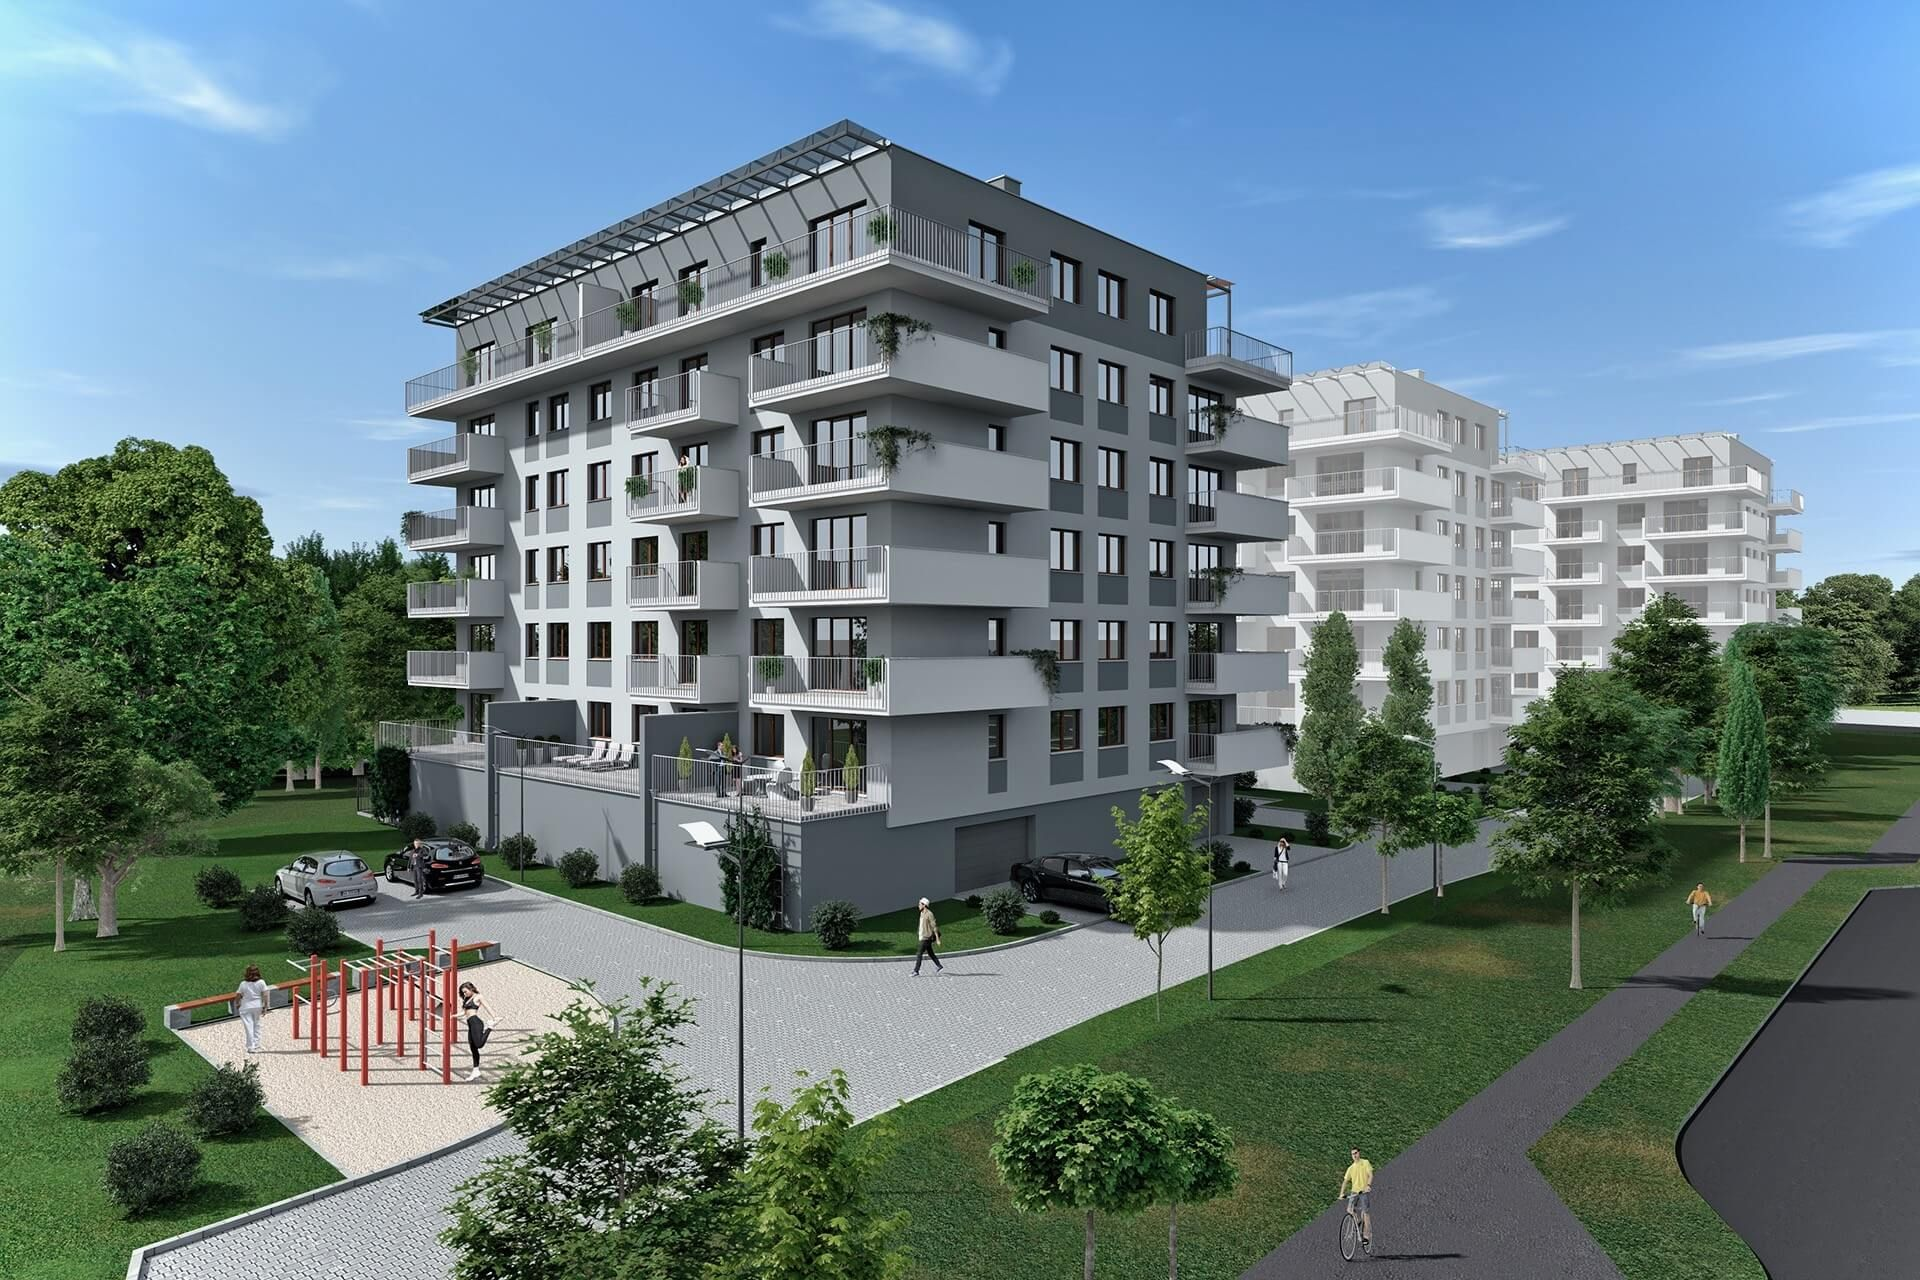 Łódź: Uniwersum – Dynamix buduje osiedle przy uczelnianym kampusie